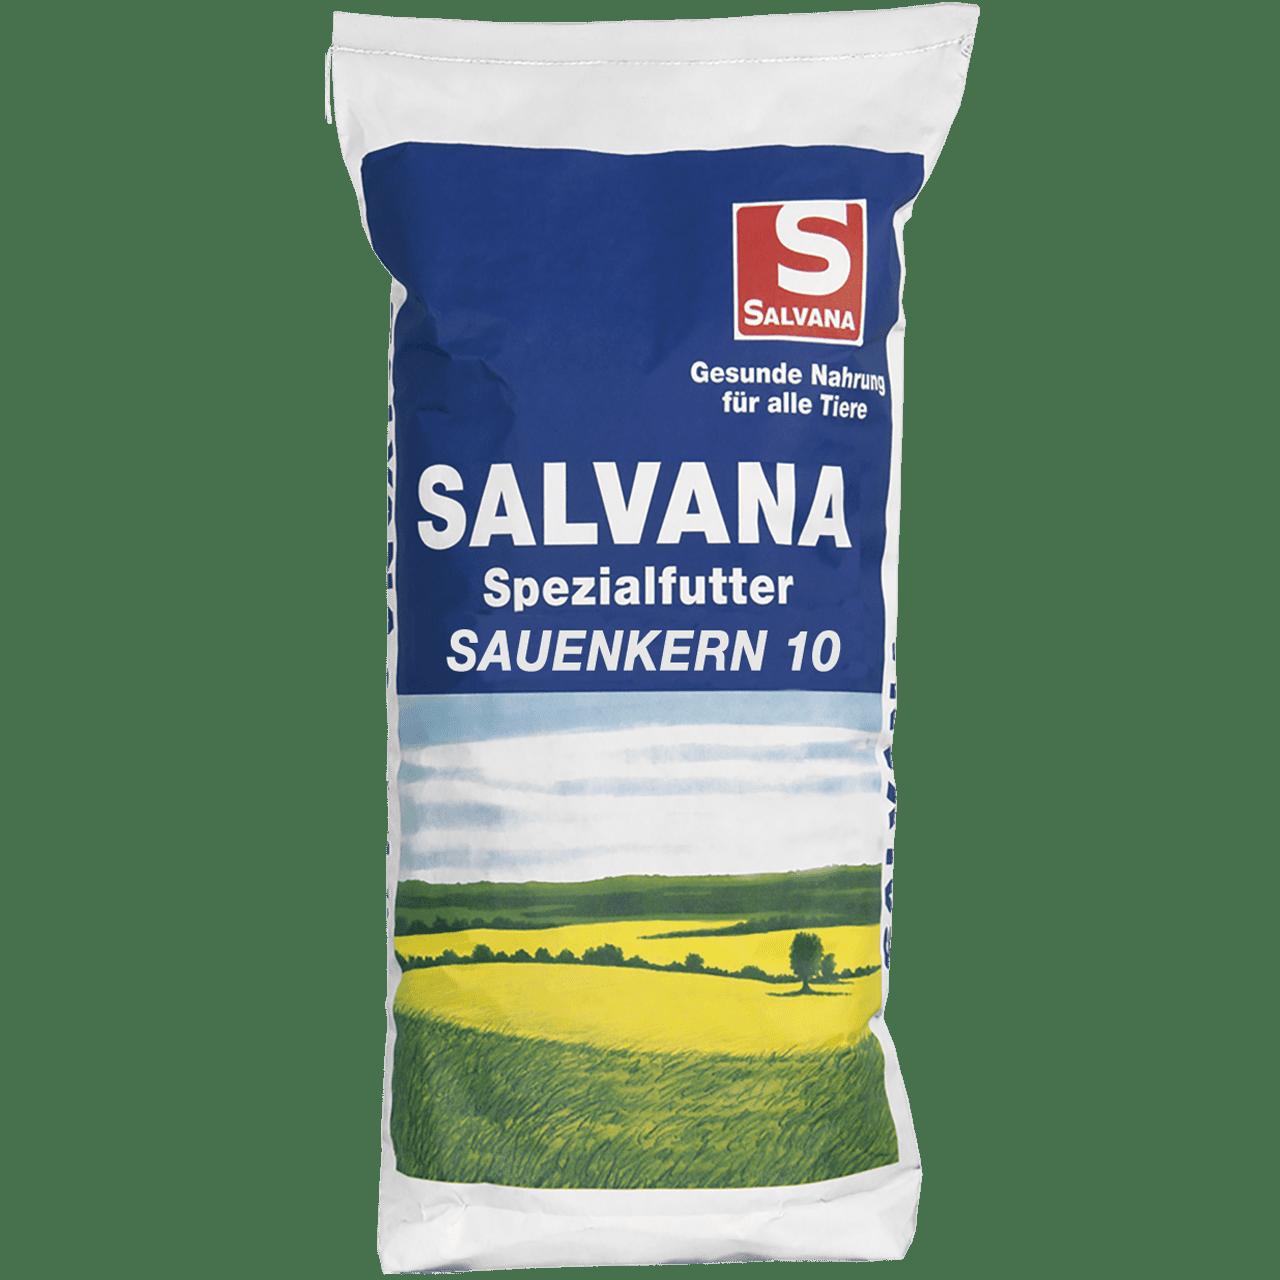 SALVANA SAUENKERN 10